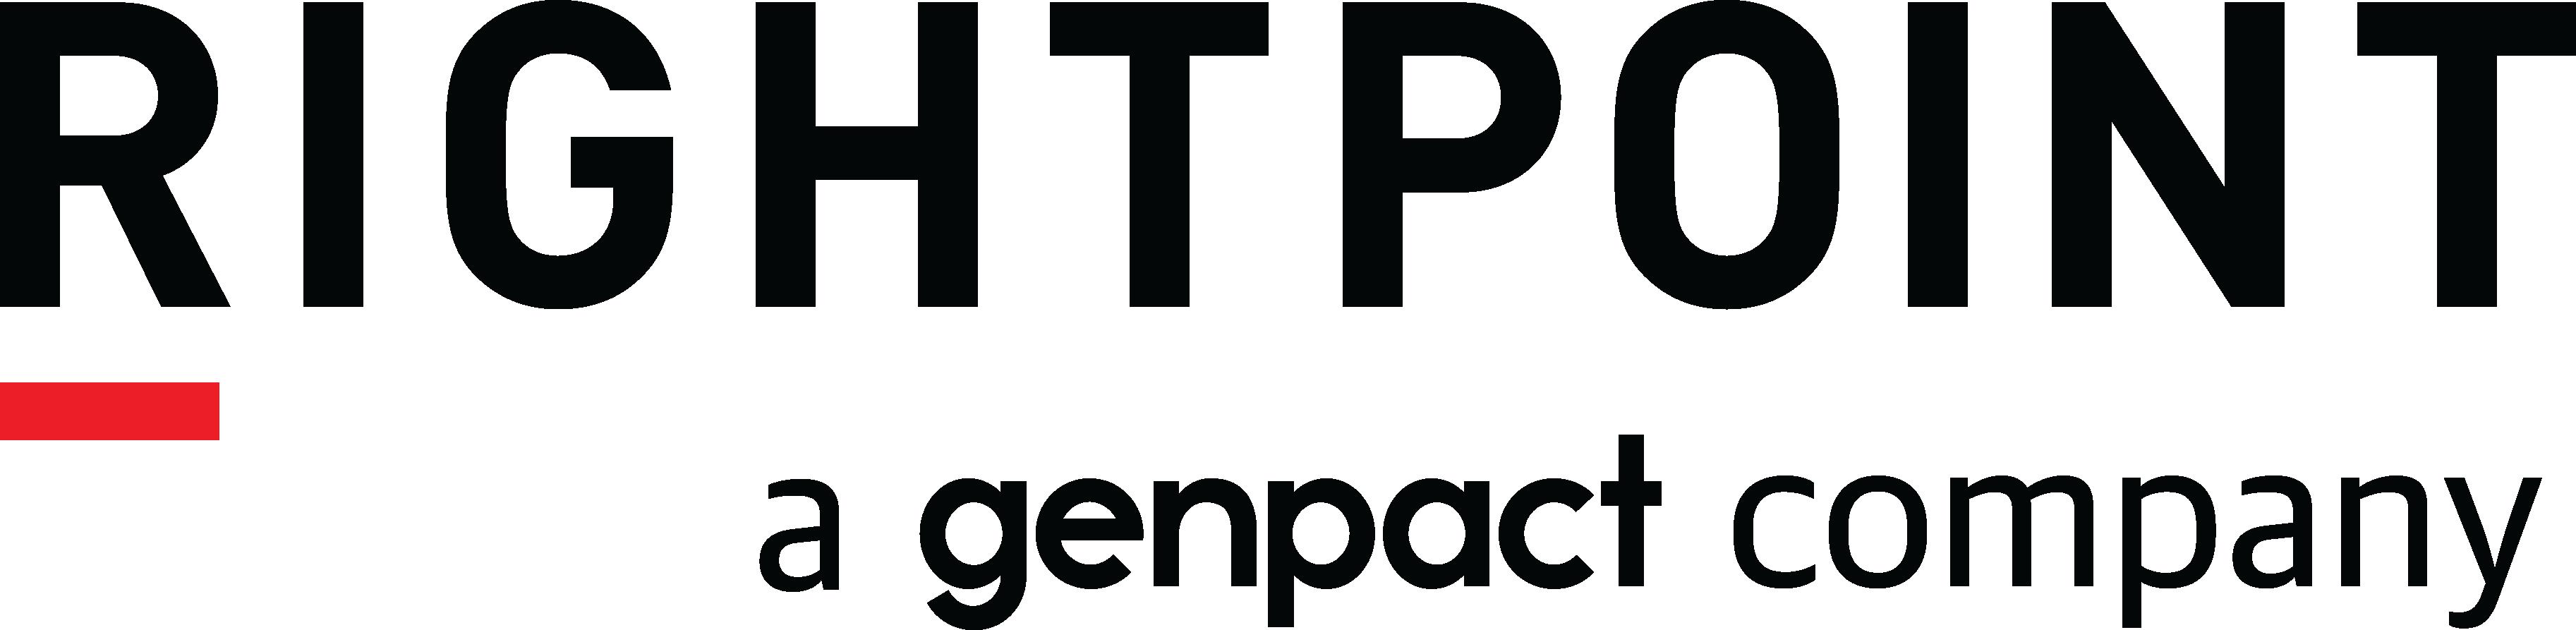 Rightpoint_partner_logo